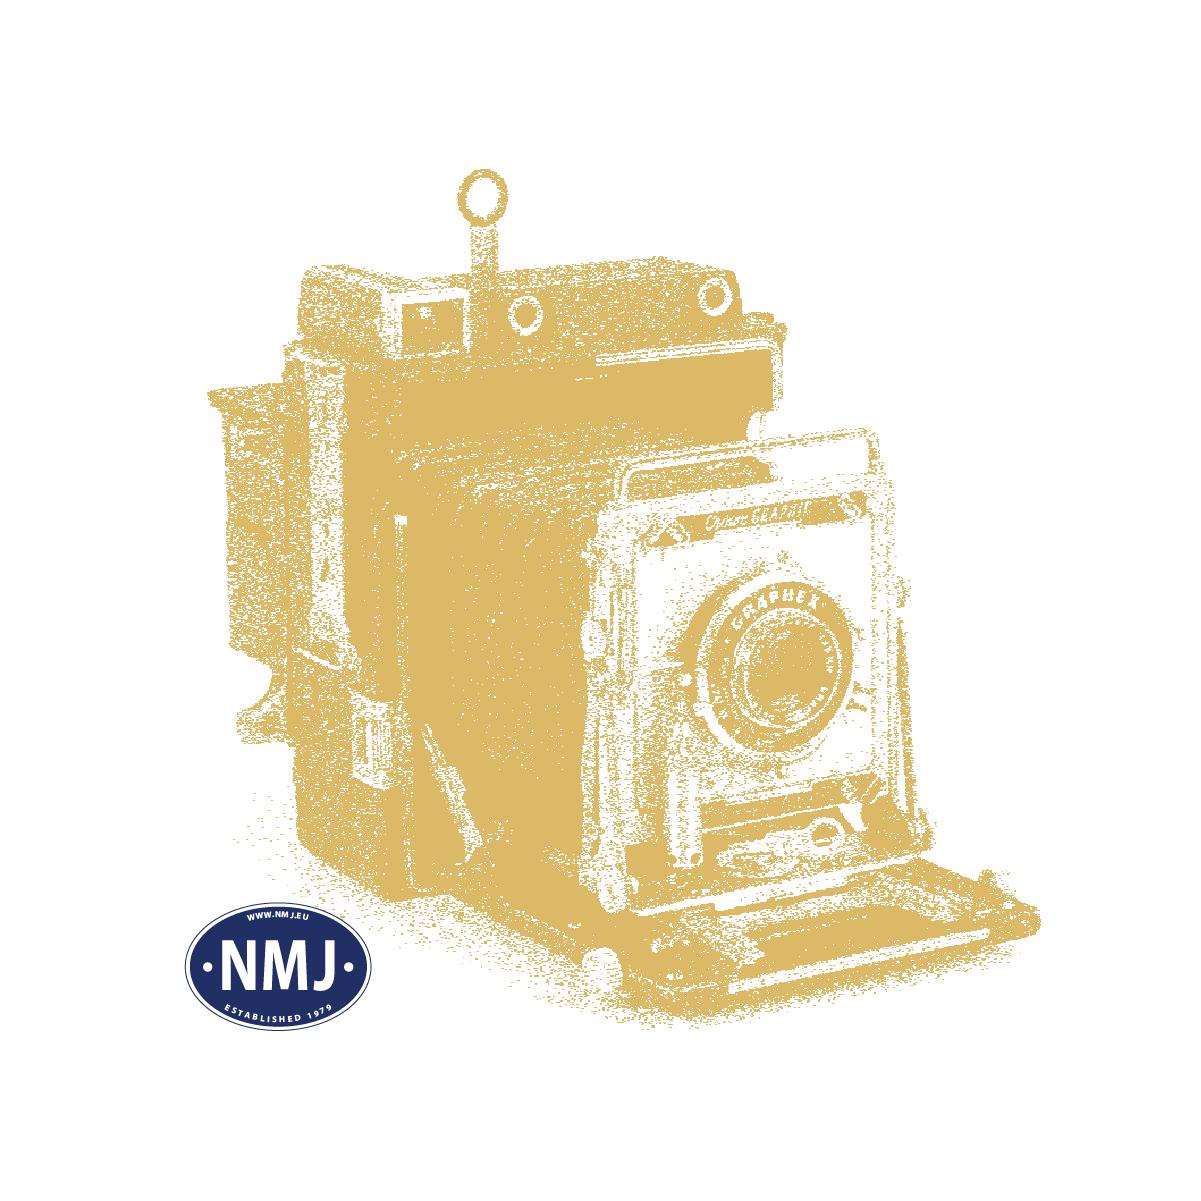 NMJT501.301 - NMJ Topline Os 21 76 370 0 399-7 Rungenwagen der NSB mit Beladung